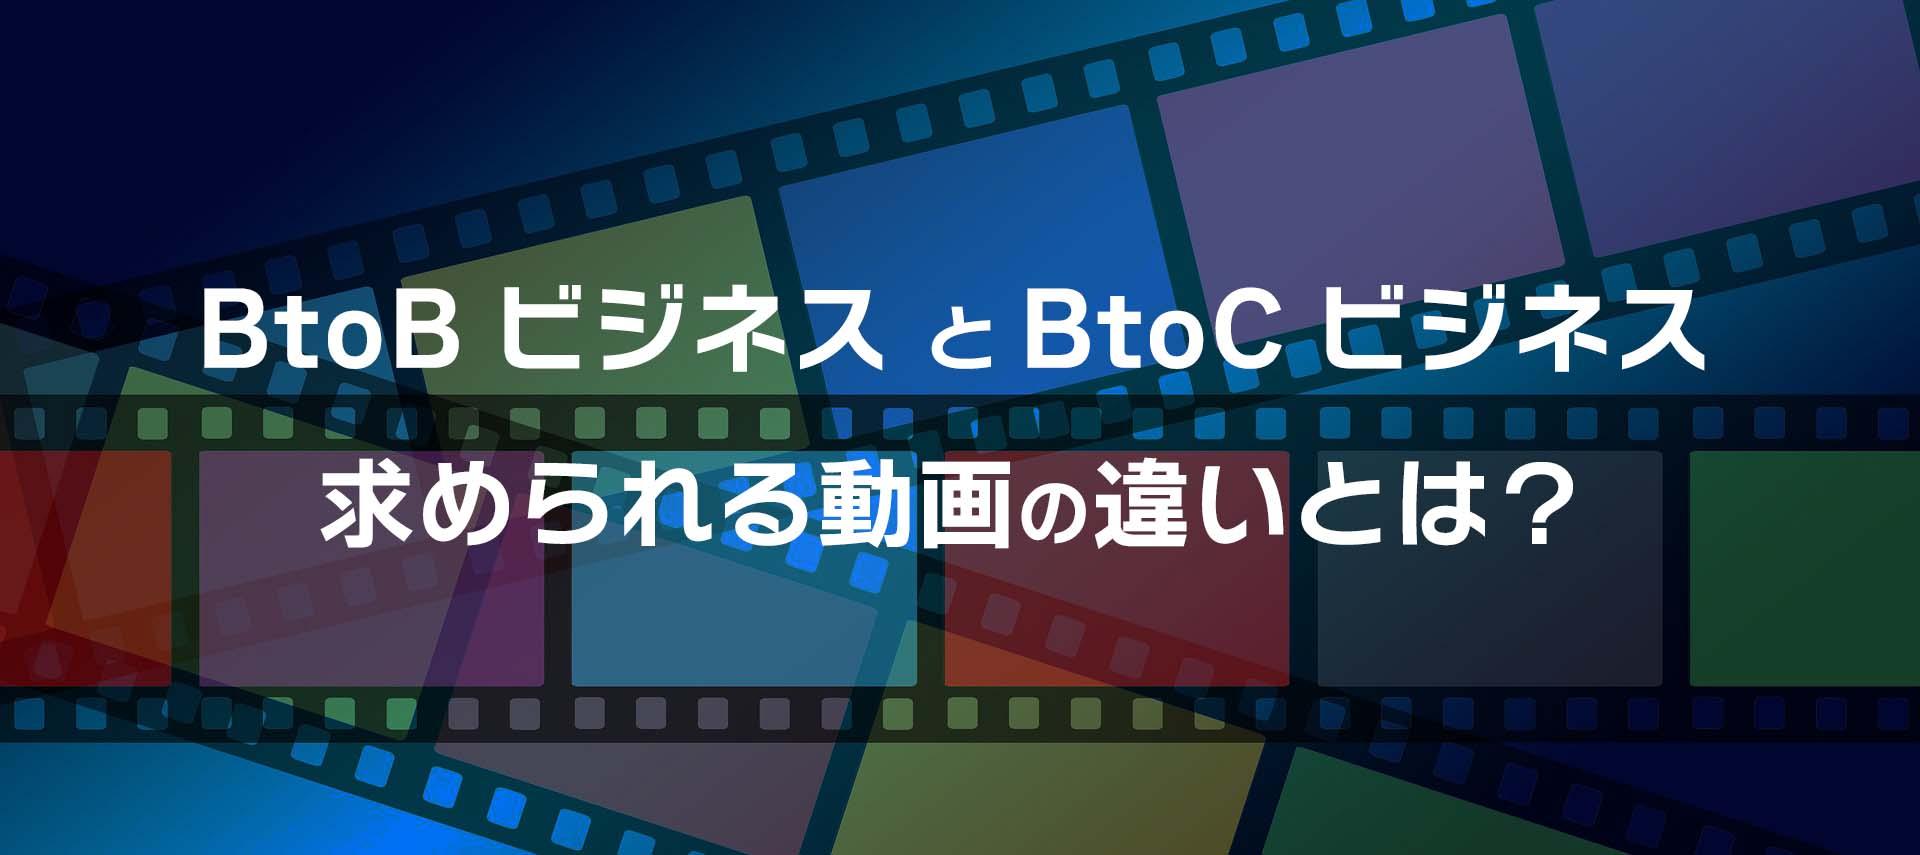 BtoBビジネス とBtoCビジネス、求められる動画の違い